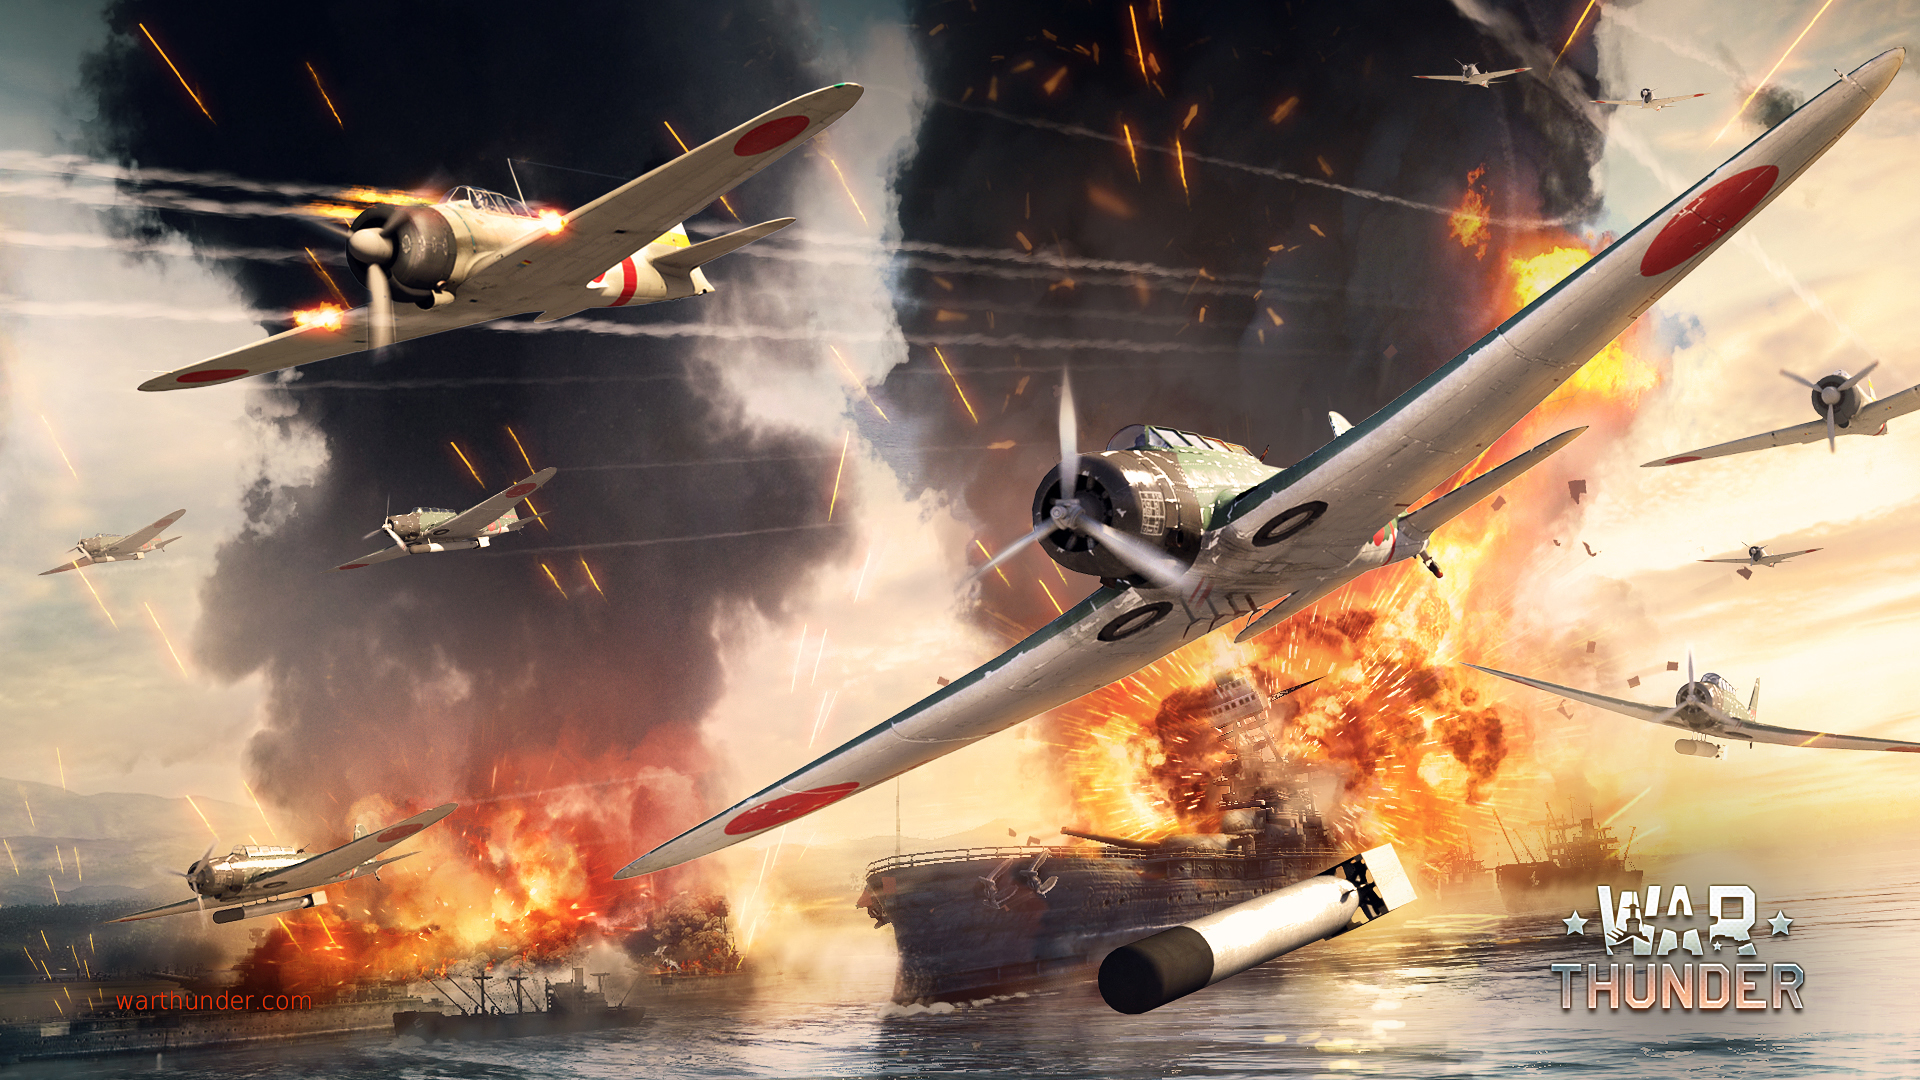 Обои Ме-410, war thunder, Самолёт, истребитель, война, Облака. Игры foto 15